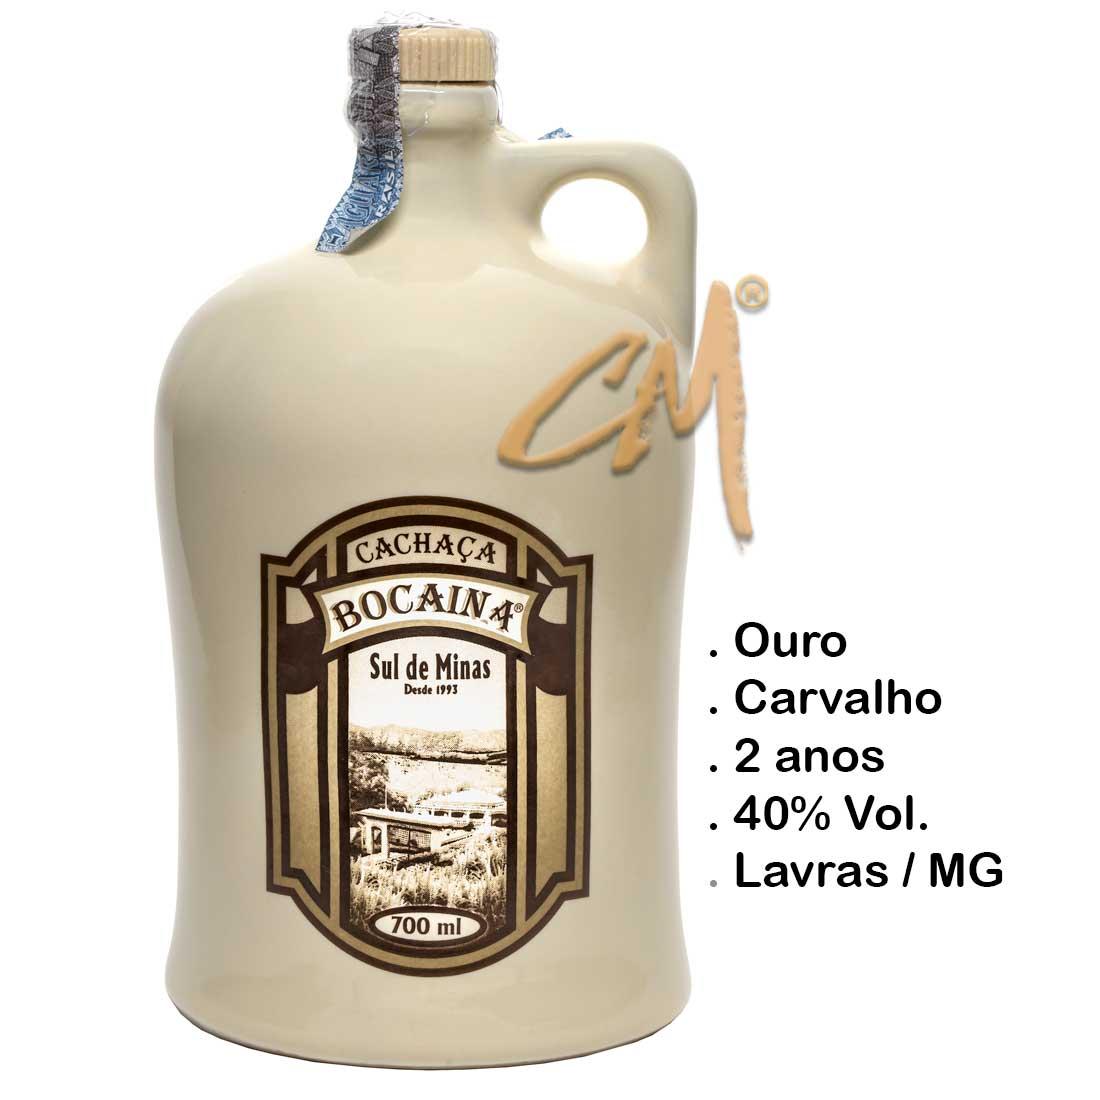 Cachaça Bocaina Carvalho Louça Branca 700 ml (Lavras - MG)